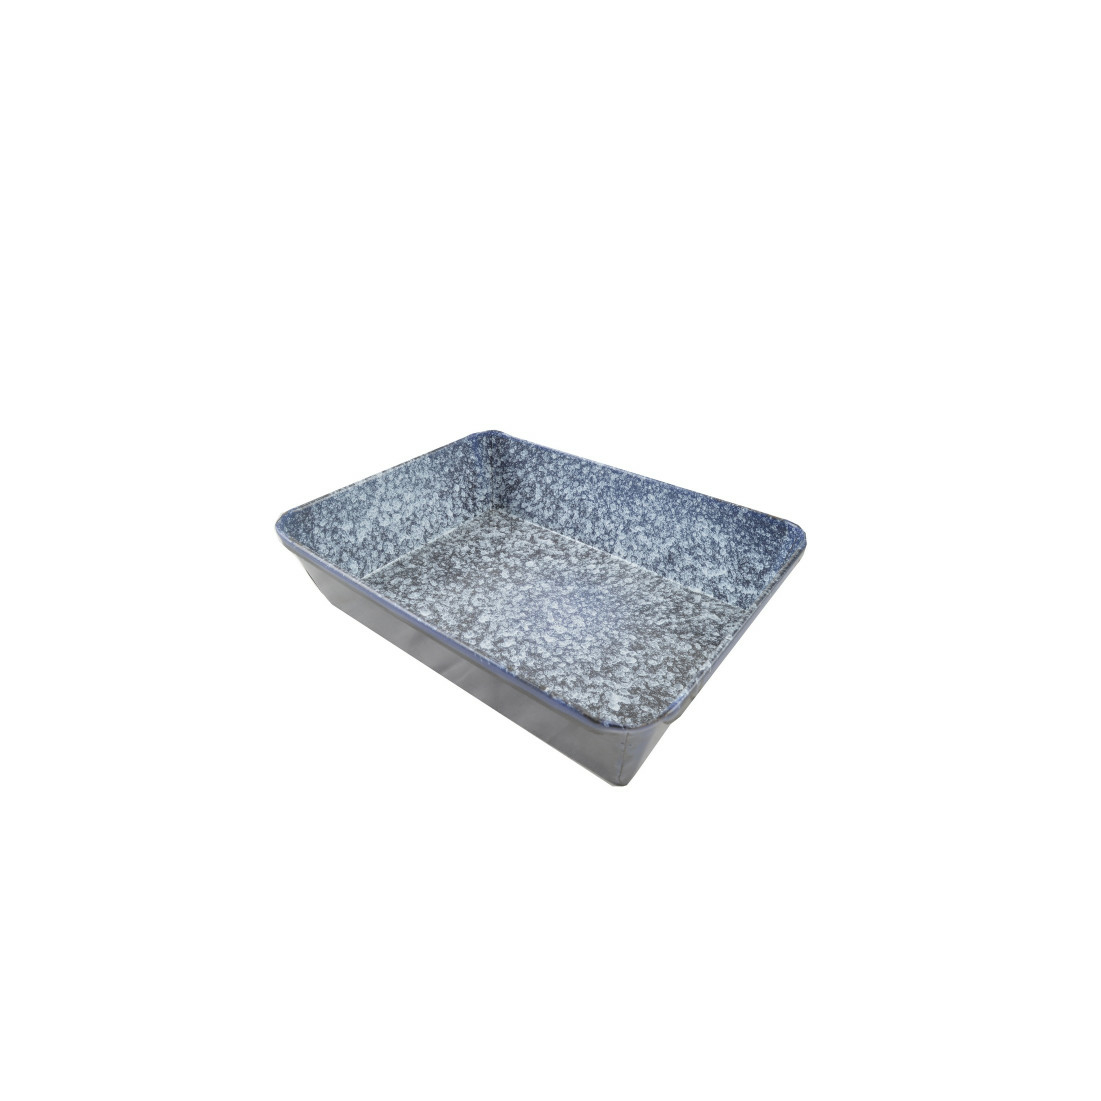 Zománc sütőtepsi 24 x 18 cm